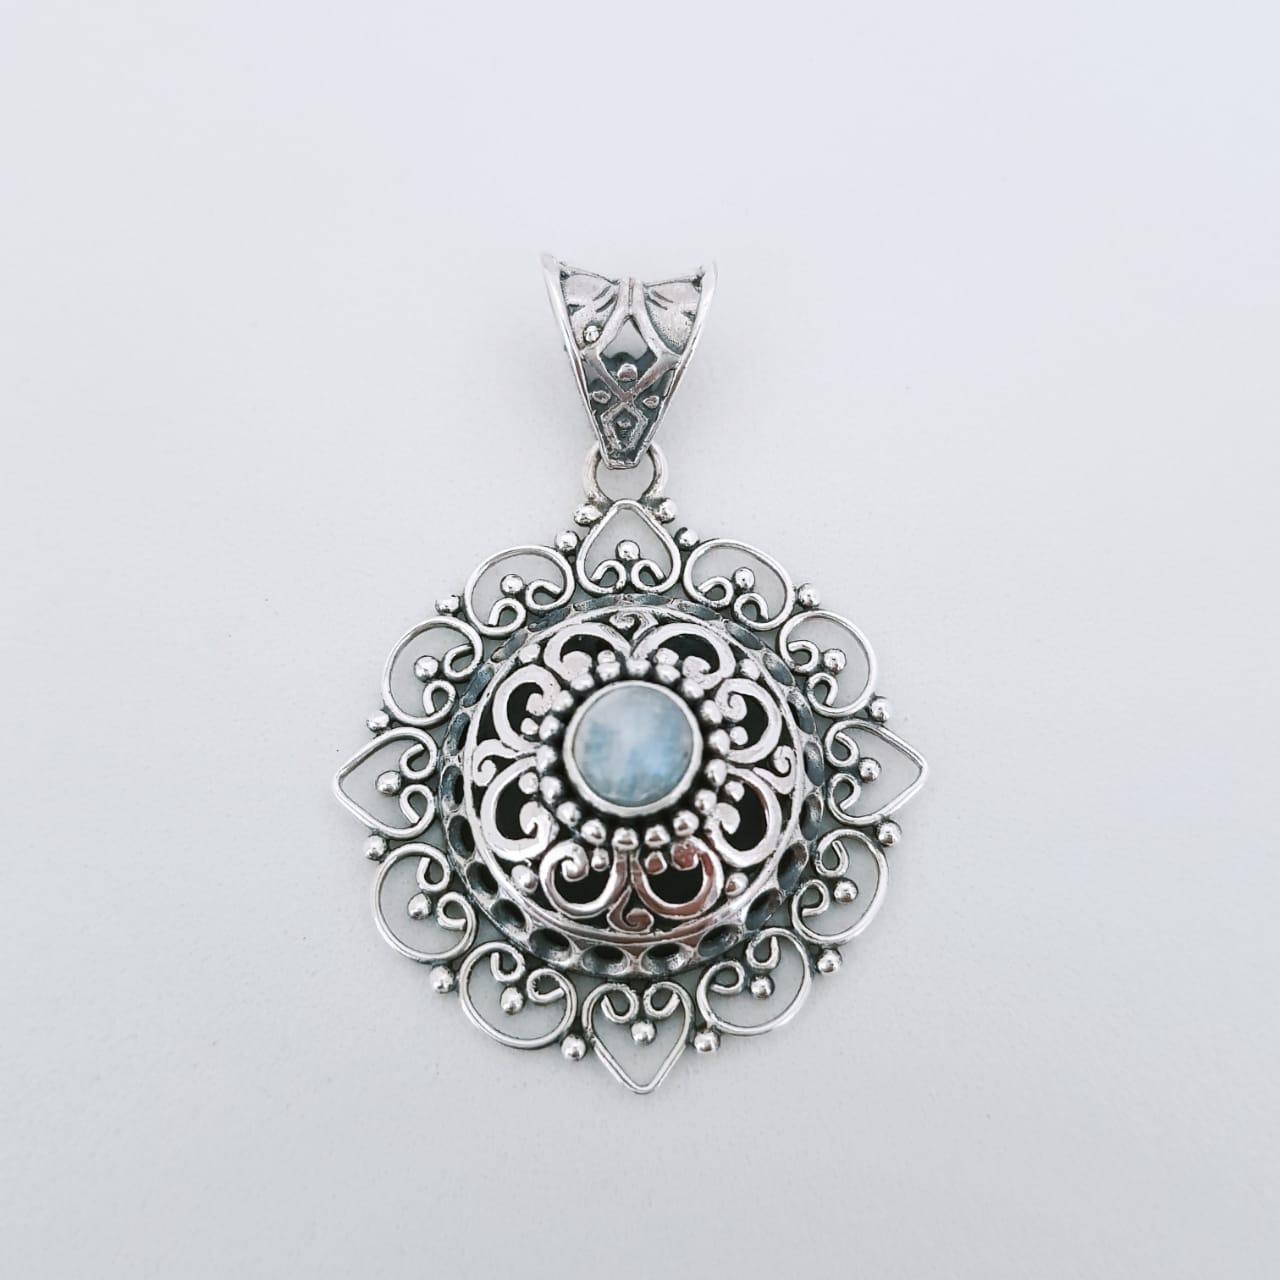 Pingente de Prata Mandala com Pedra da Lua